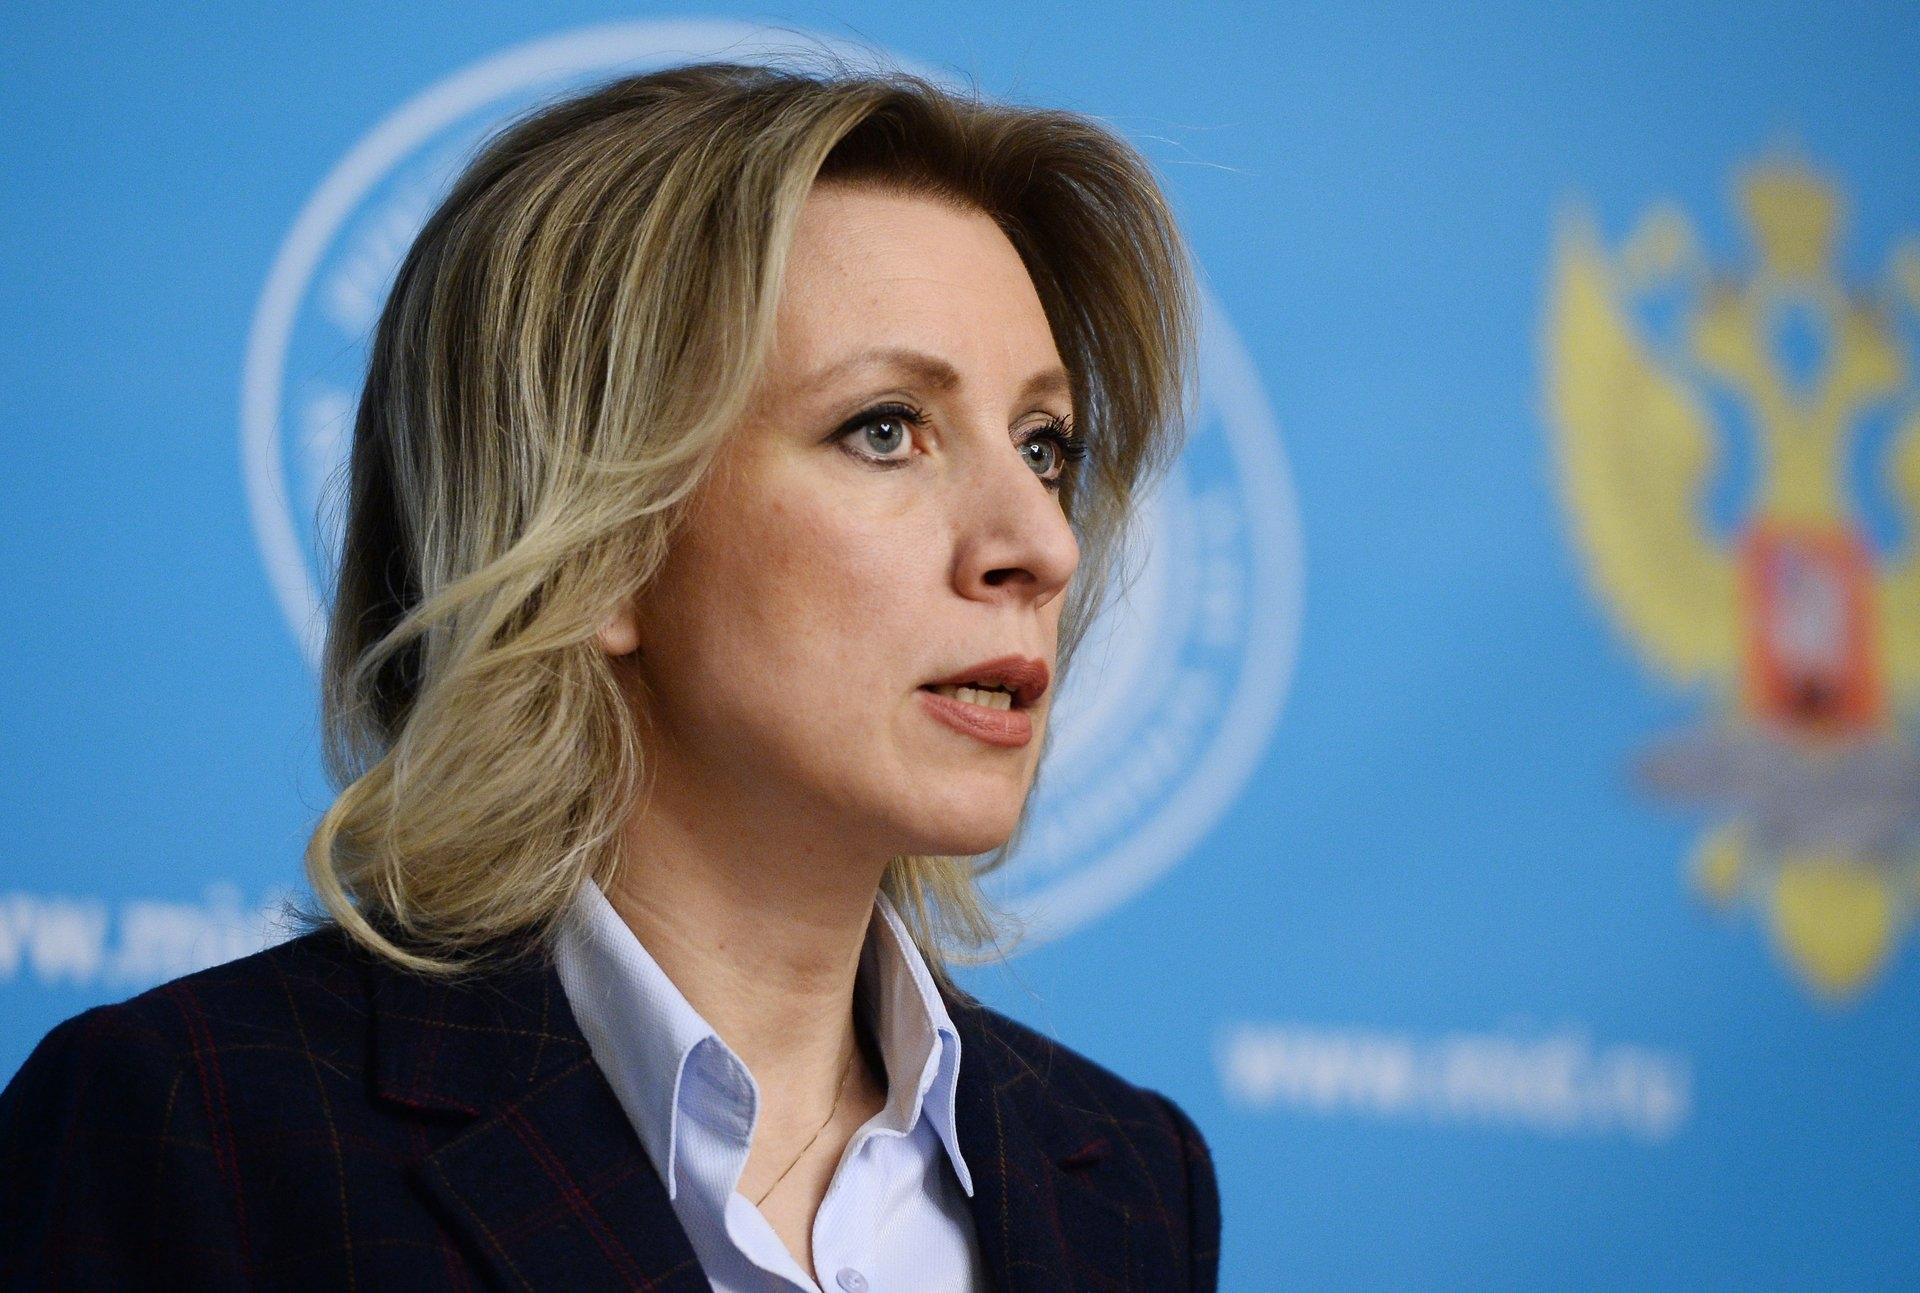 Захарова: Киеву надо обеспечить права жителям Донбасса, чтобы вернуть их лояльность